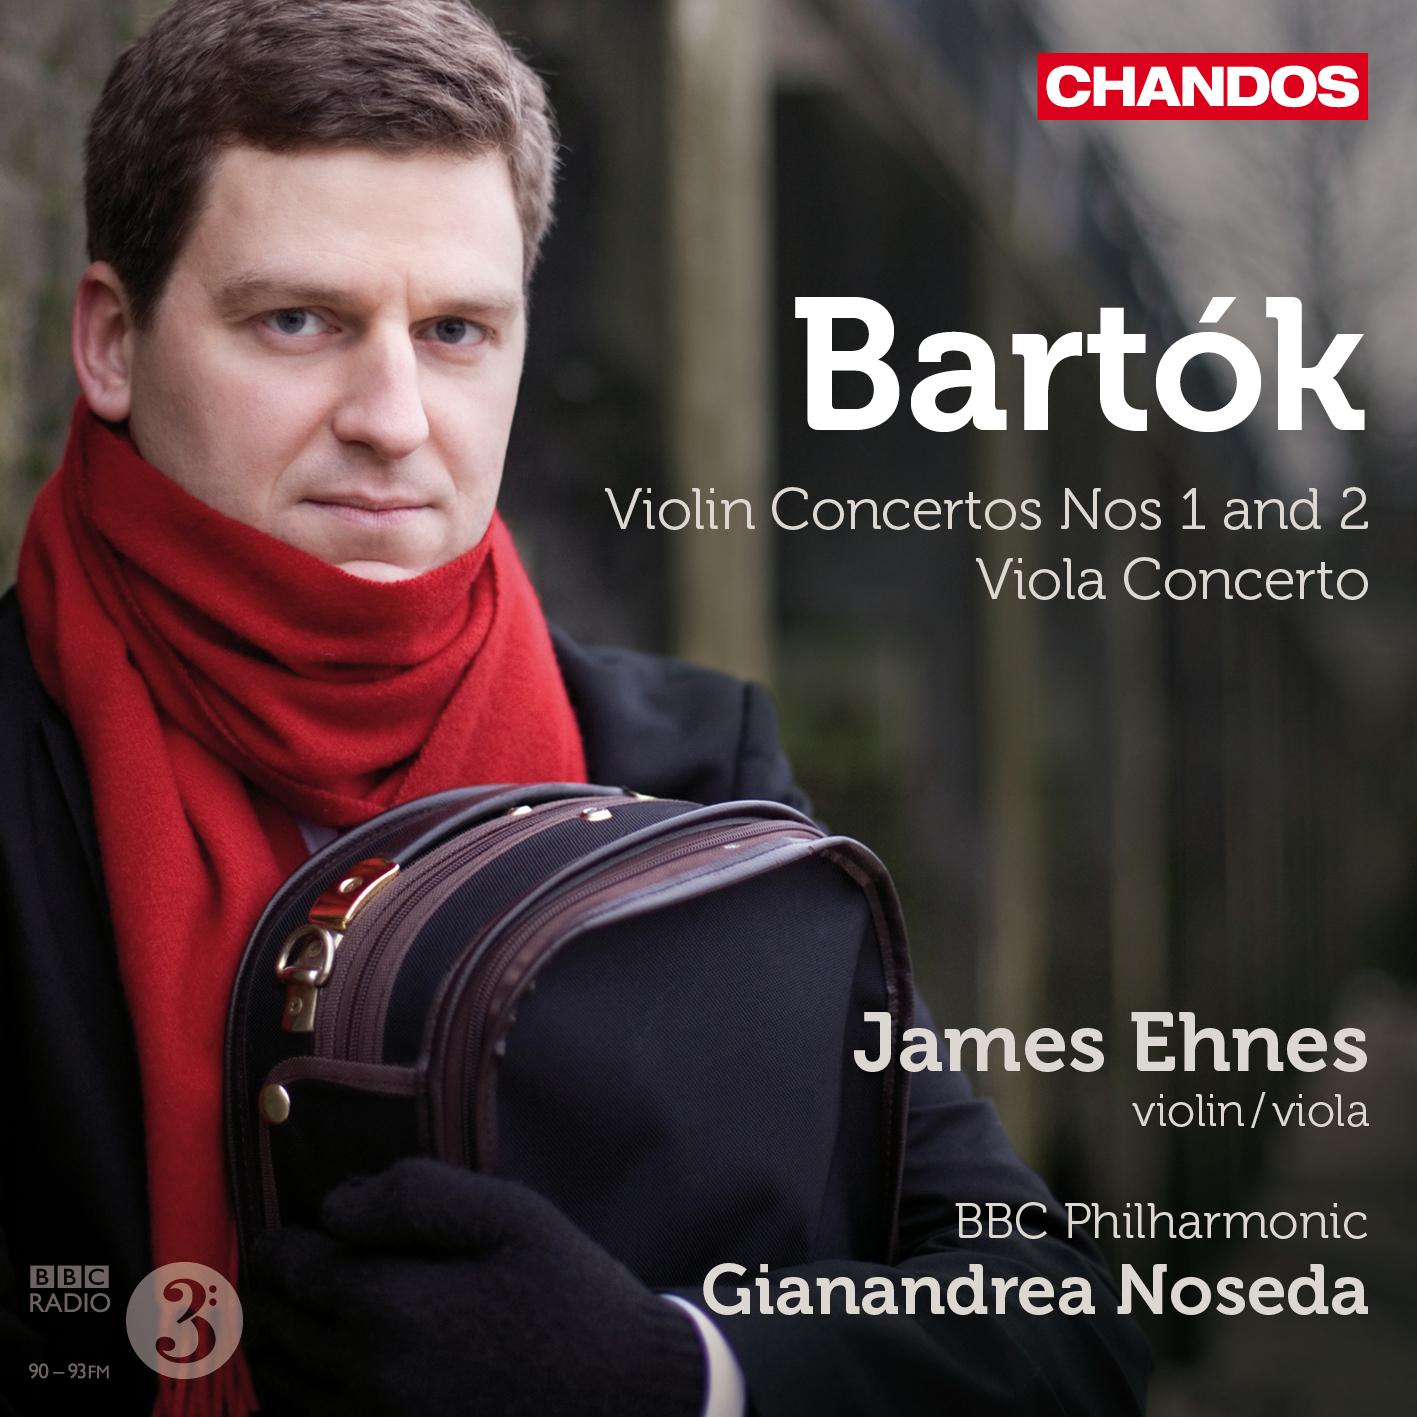 bartok violin concertos nos 1 2 viola concerto violin bartok violin concertos nos 1 2 viola concerto violin orchestral concertos chandos